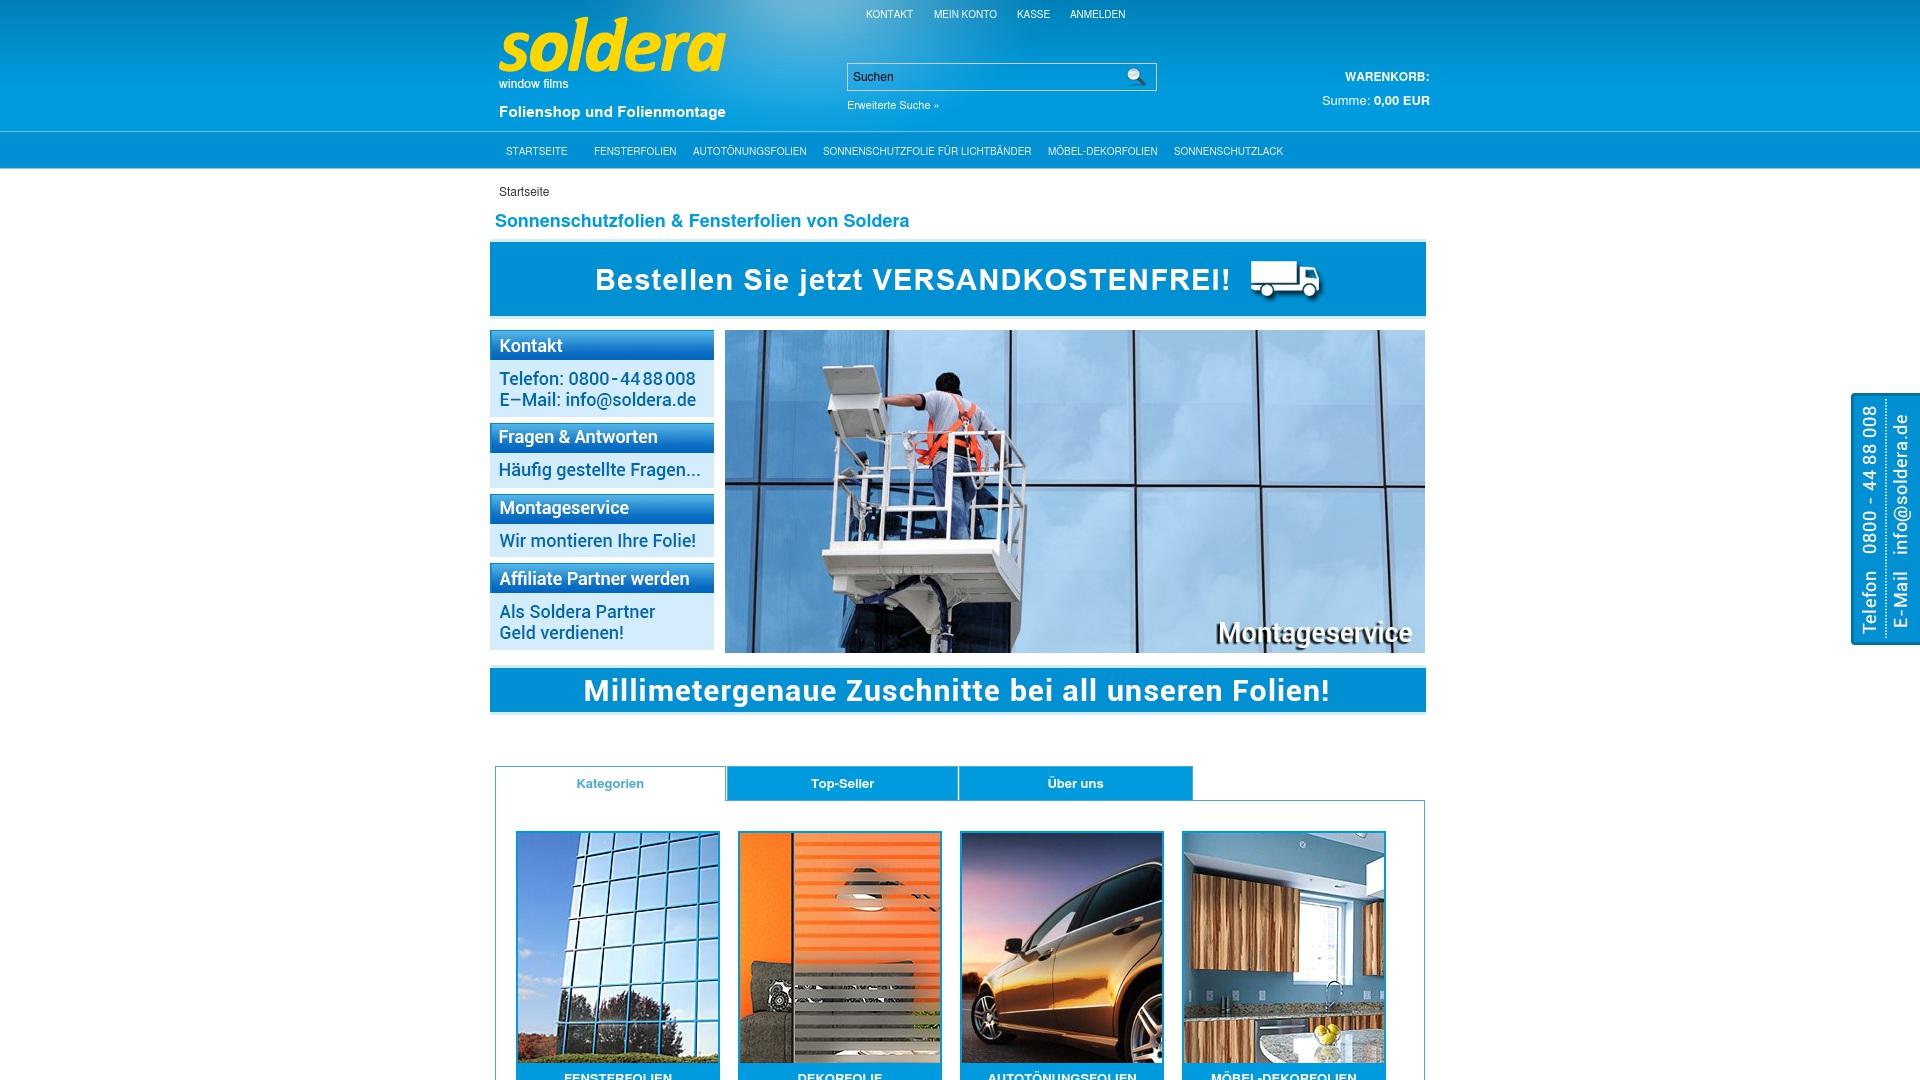 Gutschein für Soldera: Rabatte für  Soldera sichern